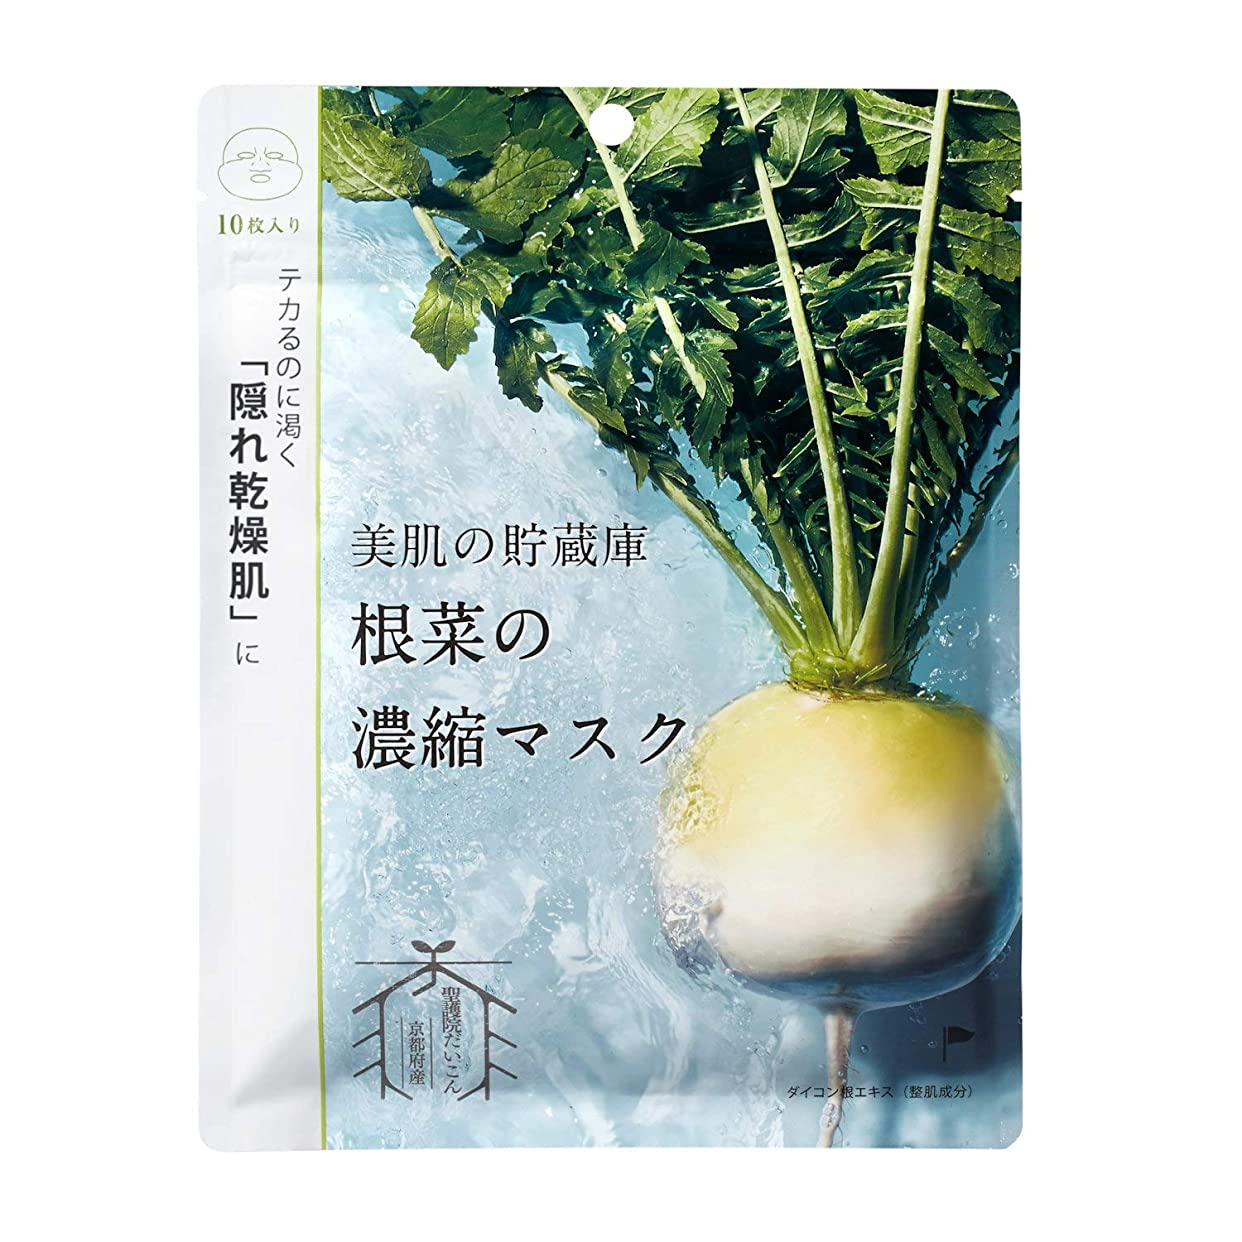 知る動機選ぶ@cosme nippon 美肌の貯蔵庫 根菜の濃縮マスク 聖護院だいこん 10枚入 148ml